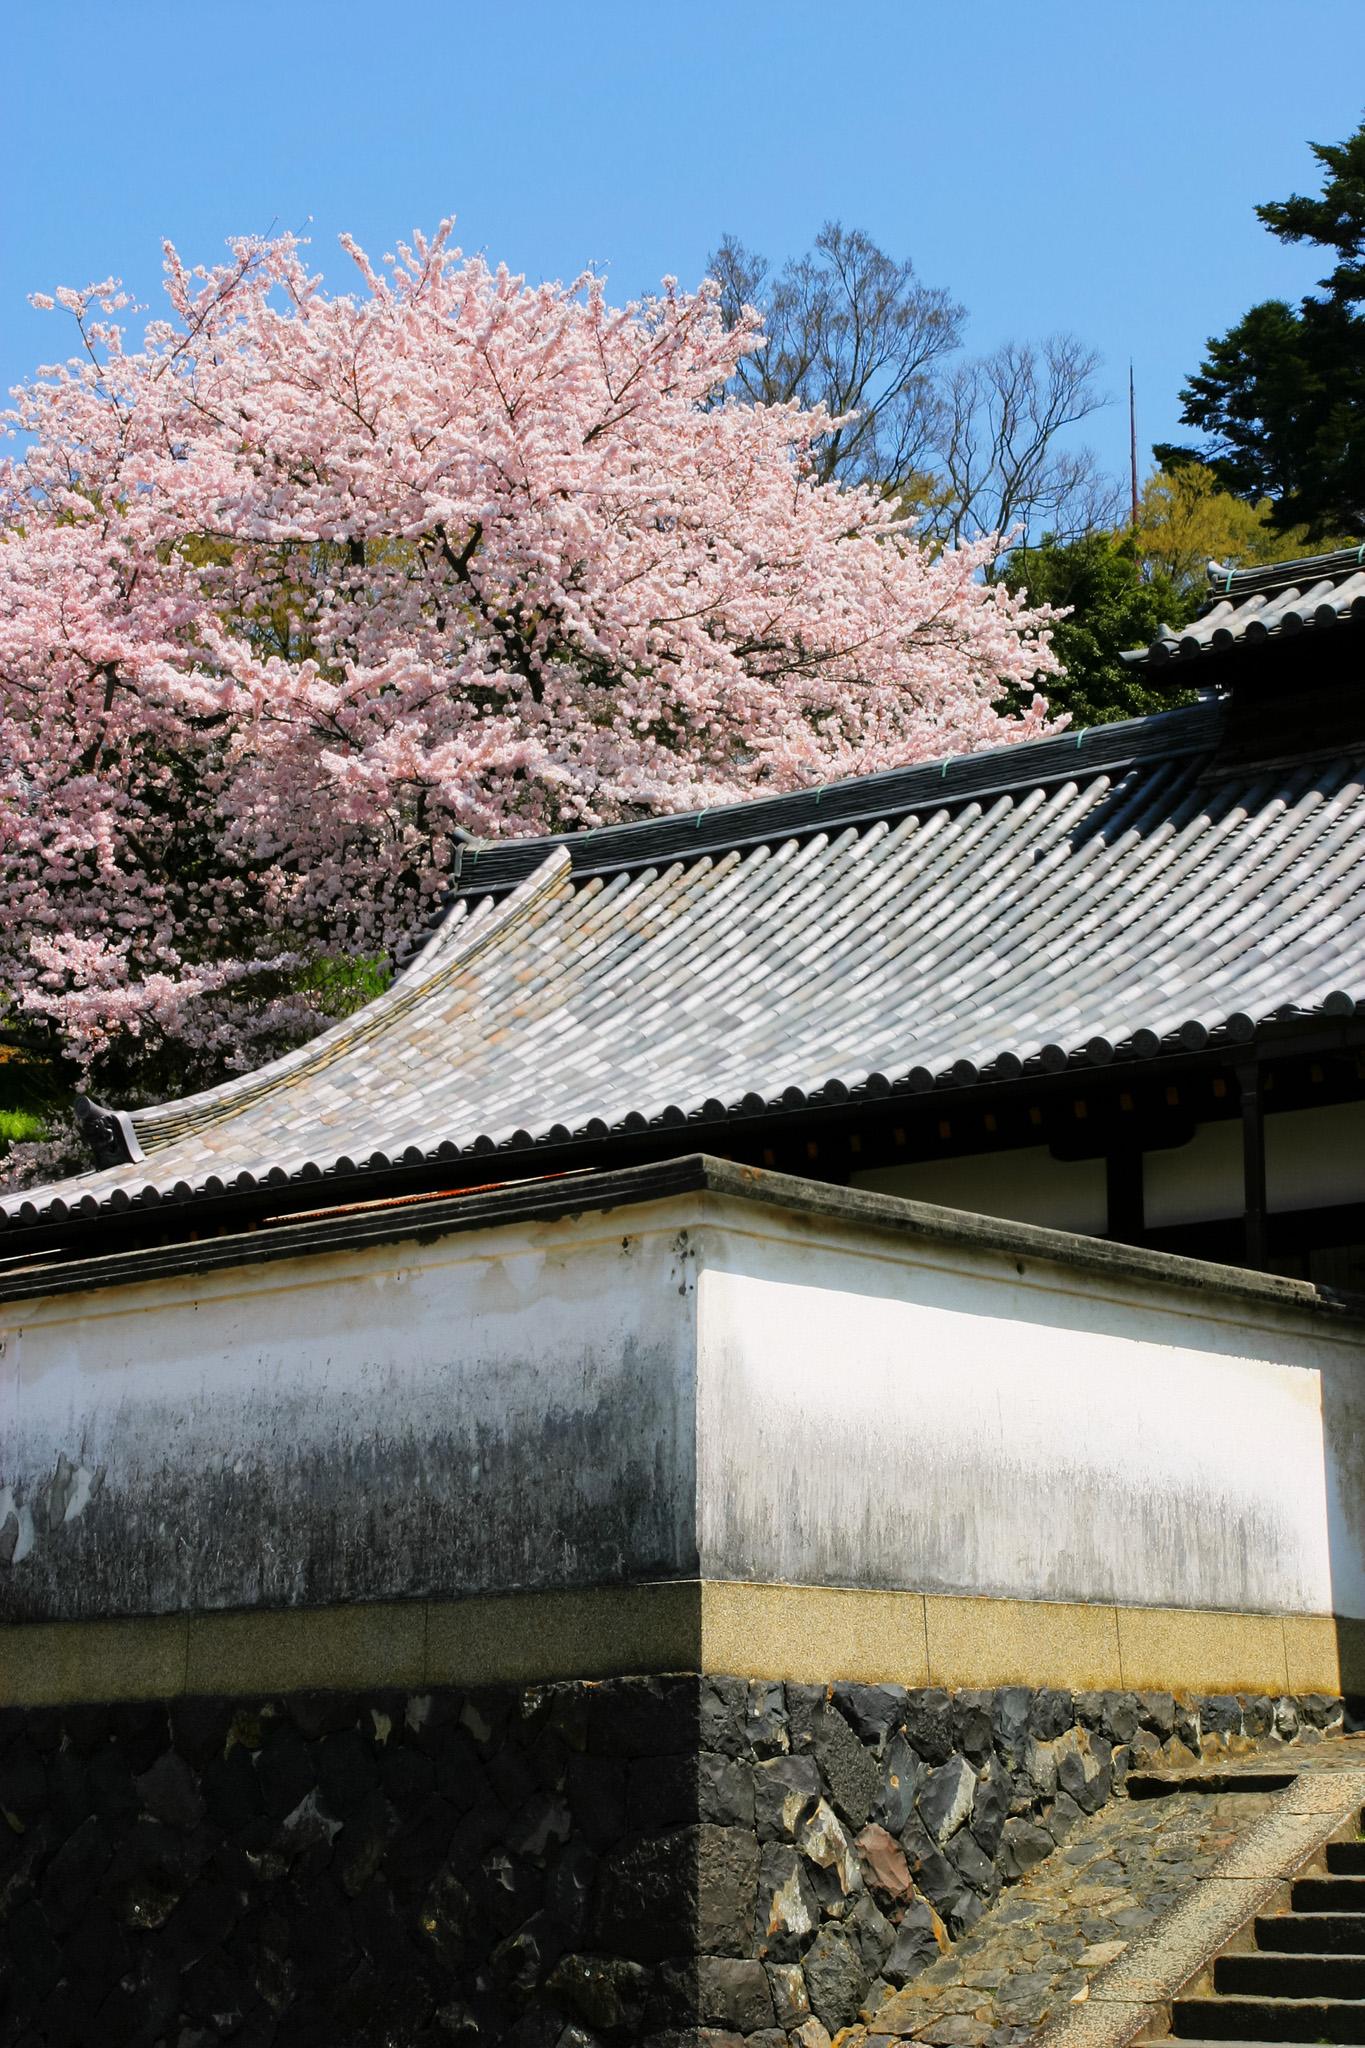 「白壁の古都に咲く桜」の素材を無料ダウンロード